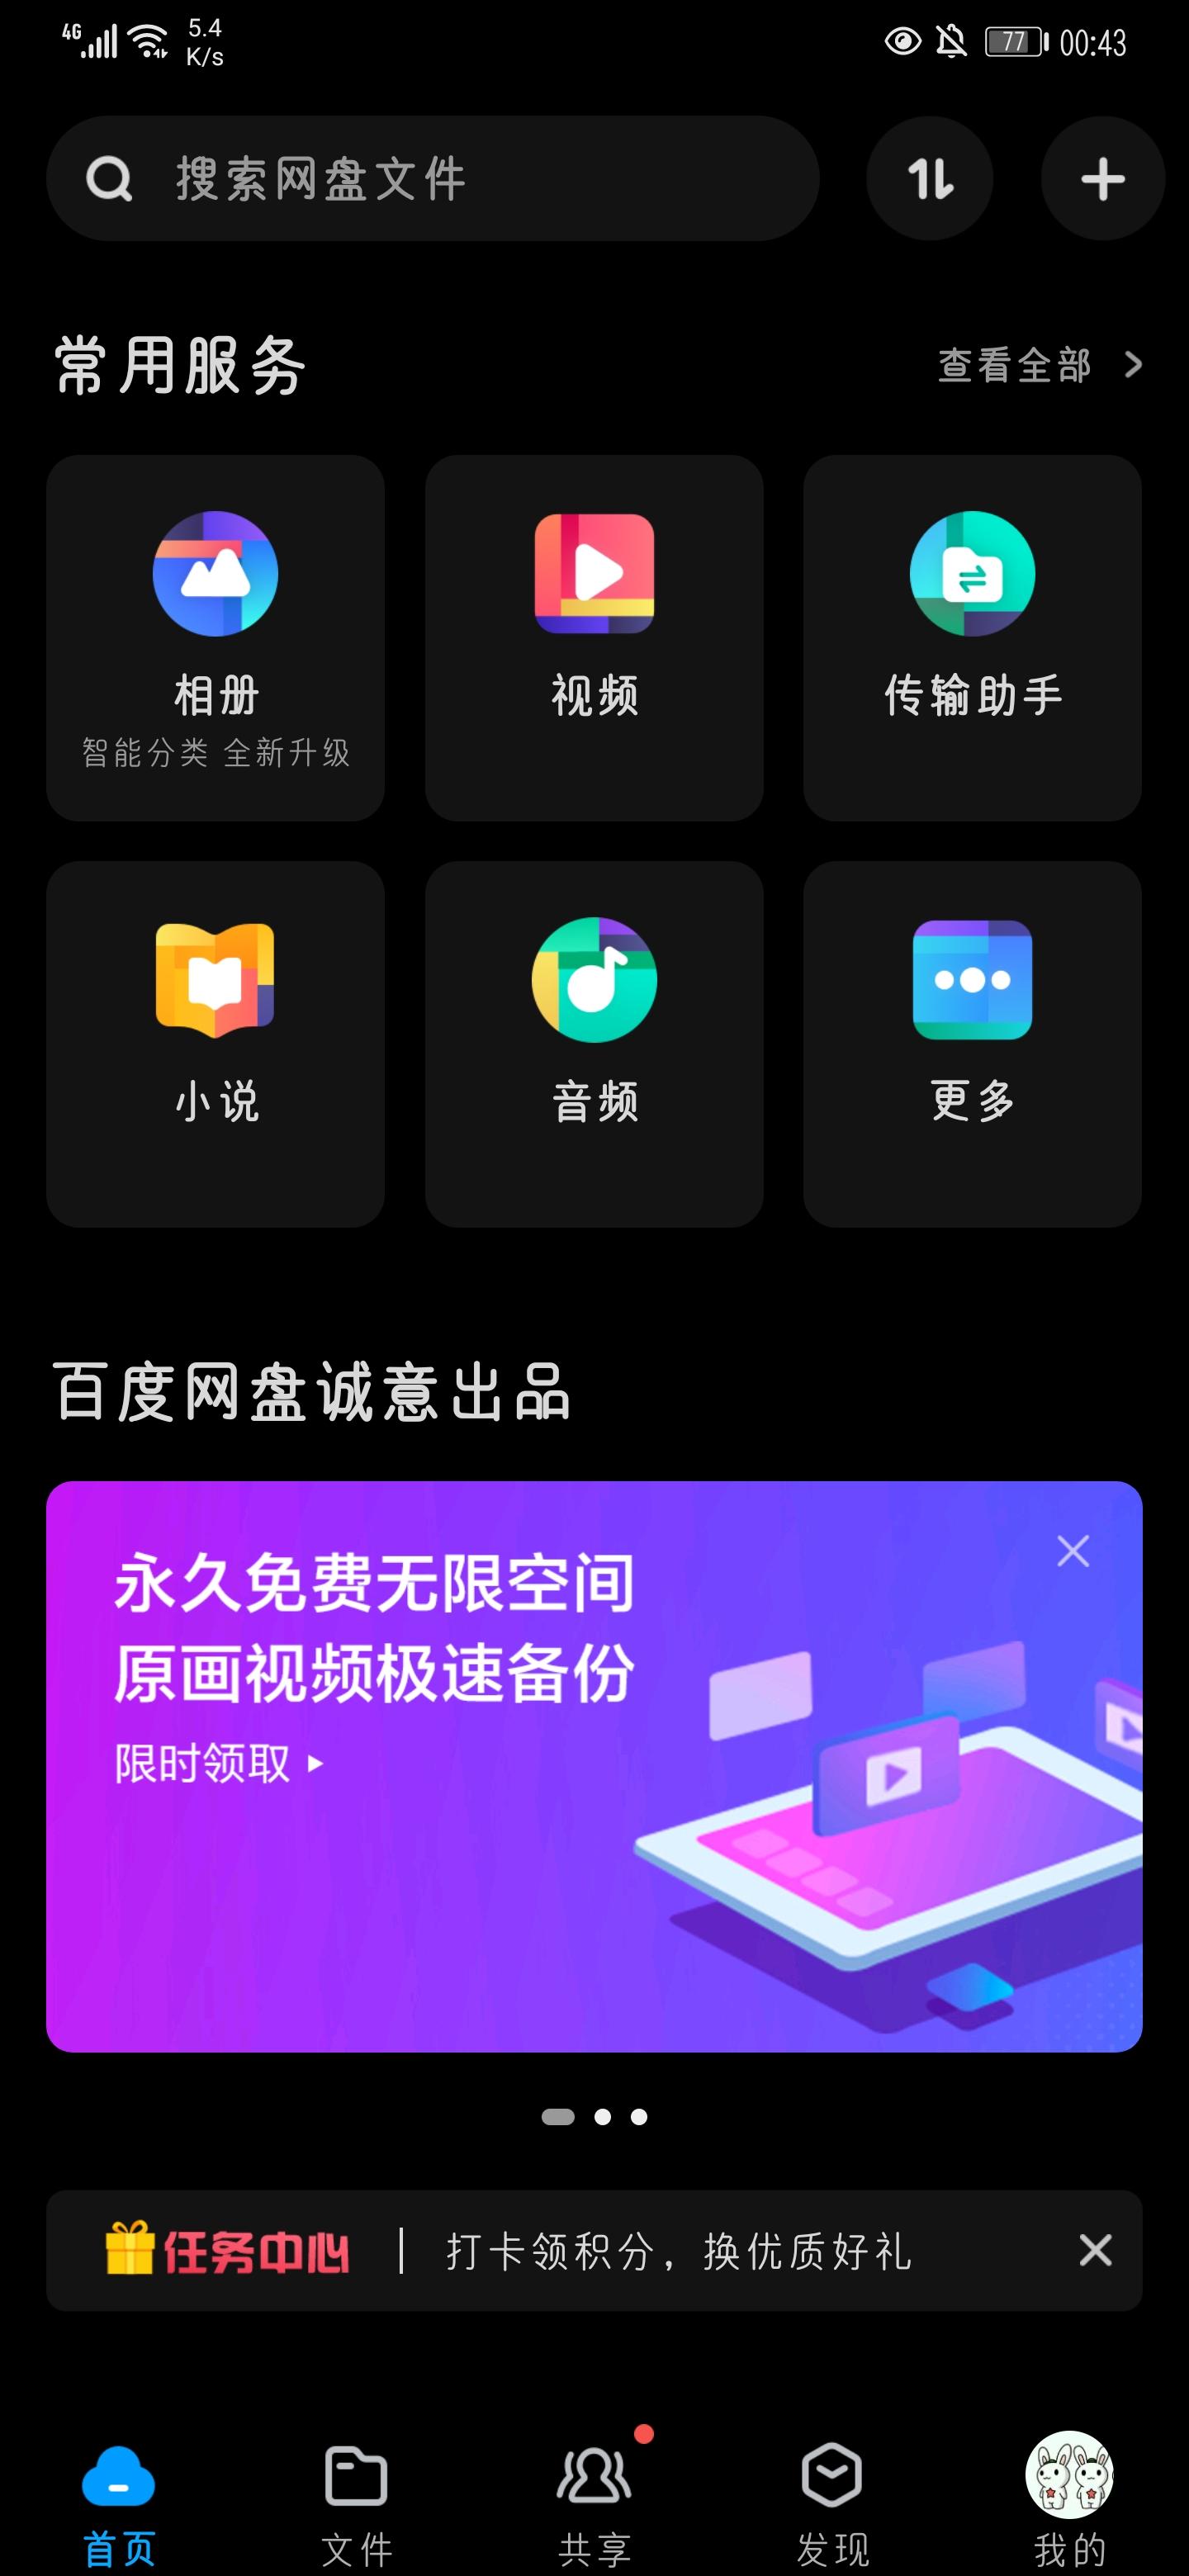 Screenshot_20200512_004343_com.baidu.netdisk.jpg